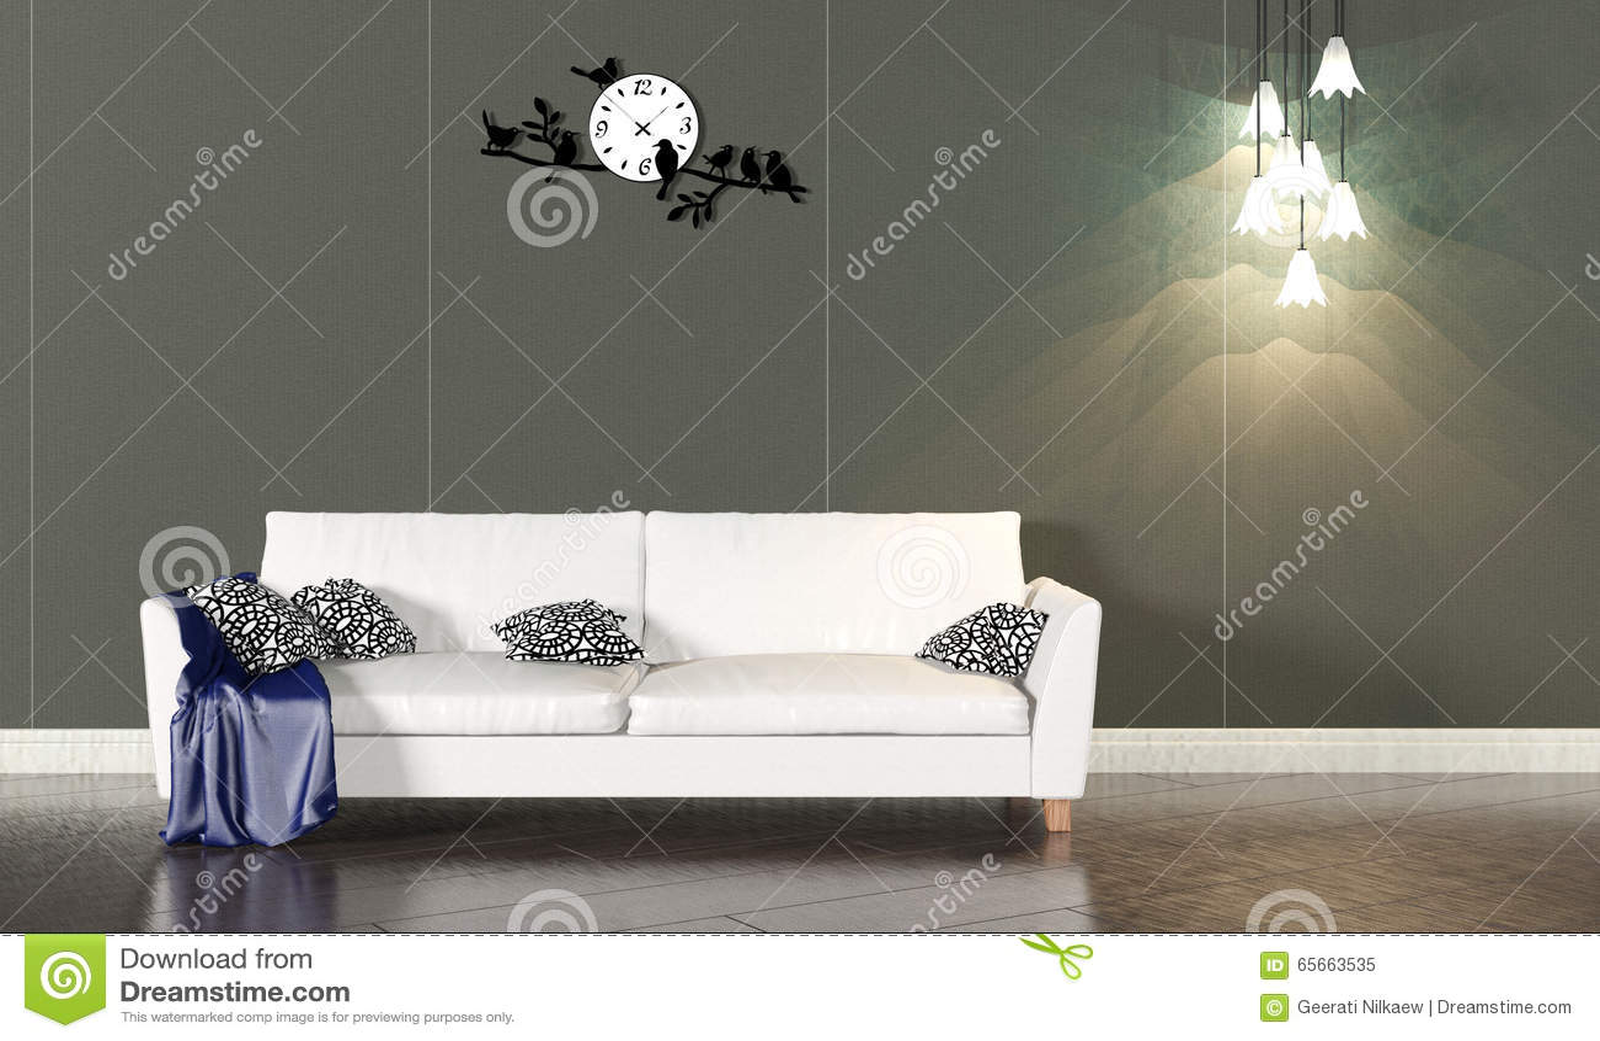 Wohnzimmerinnenraum Mit Weissem Sofa Und Dunkler Wand Stockbild Bild Von Wohnzimmerinnenraum Dunkler 65663535